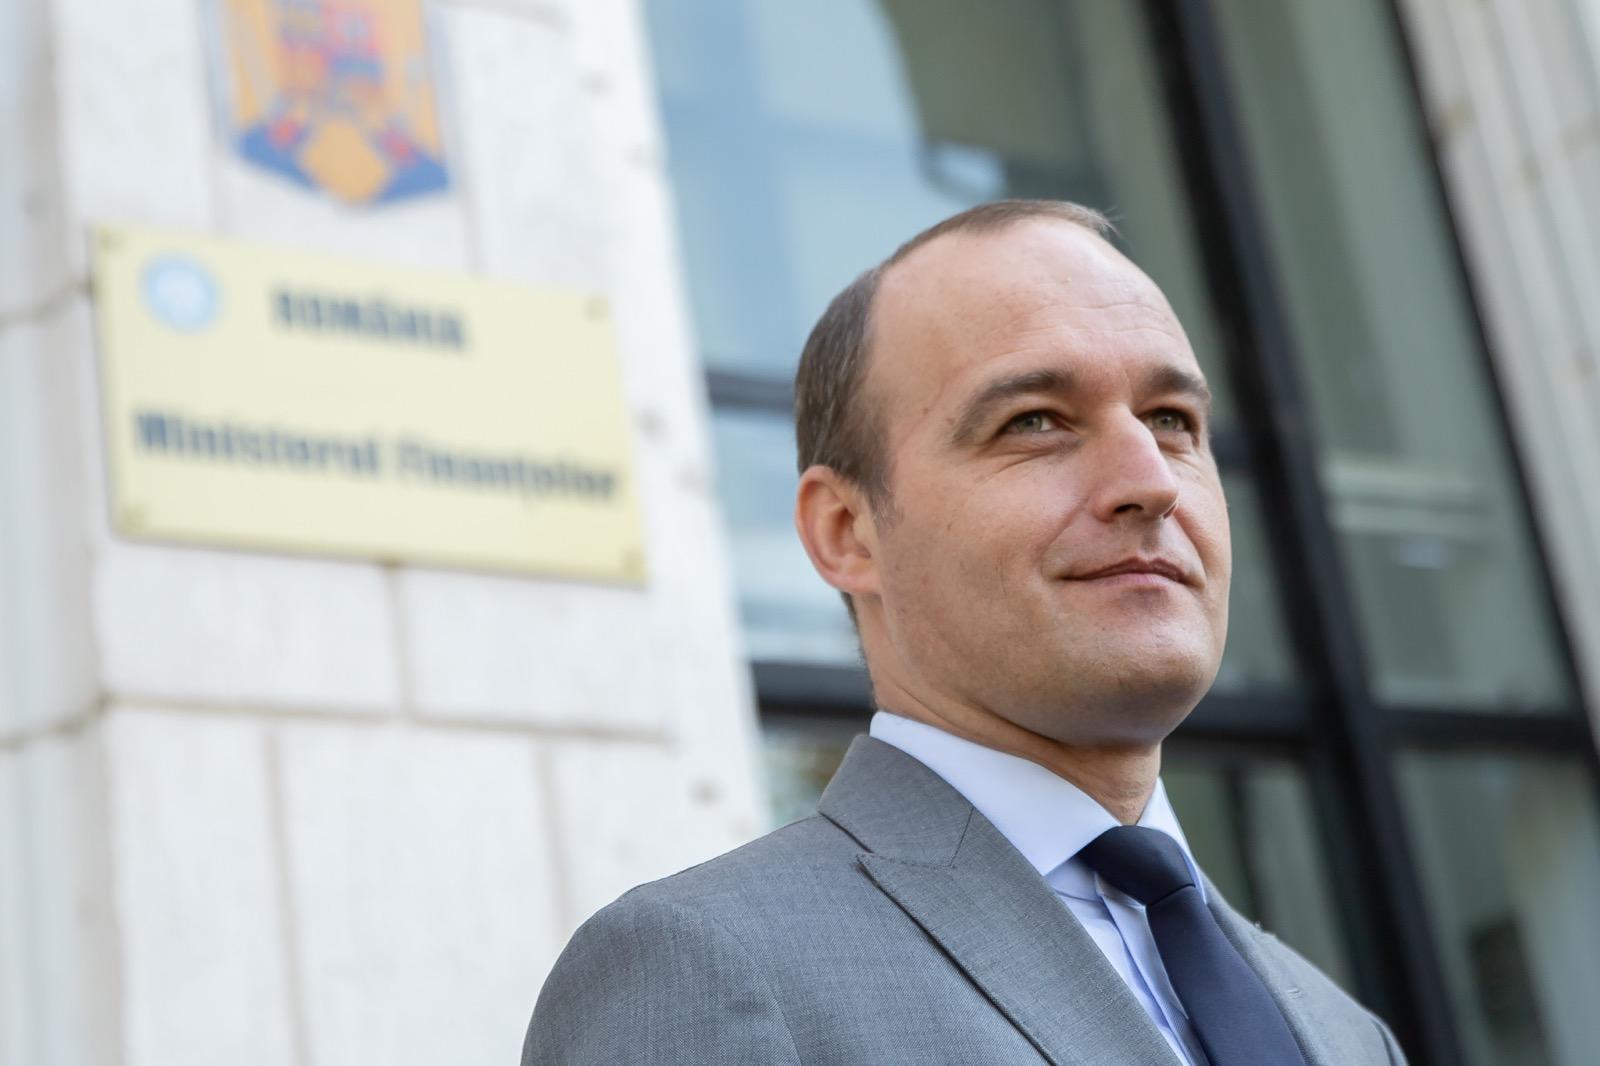 Dan Vîlceanu în faţa clădirii Ministerului Finanţelor, la preluarea mandatului